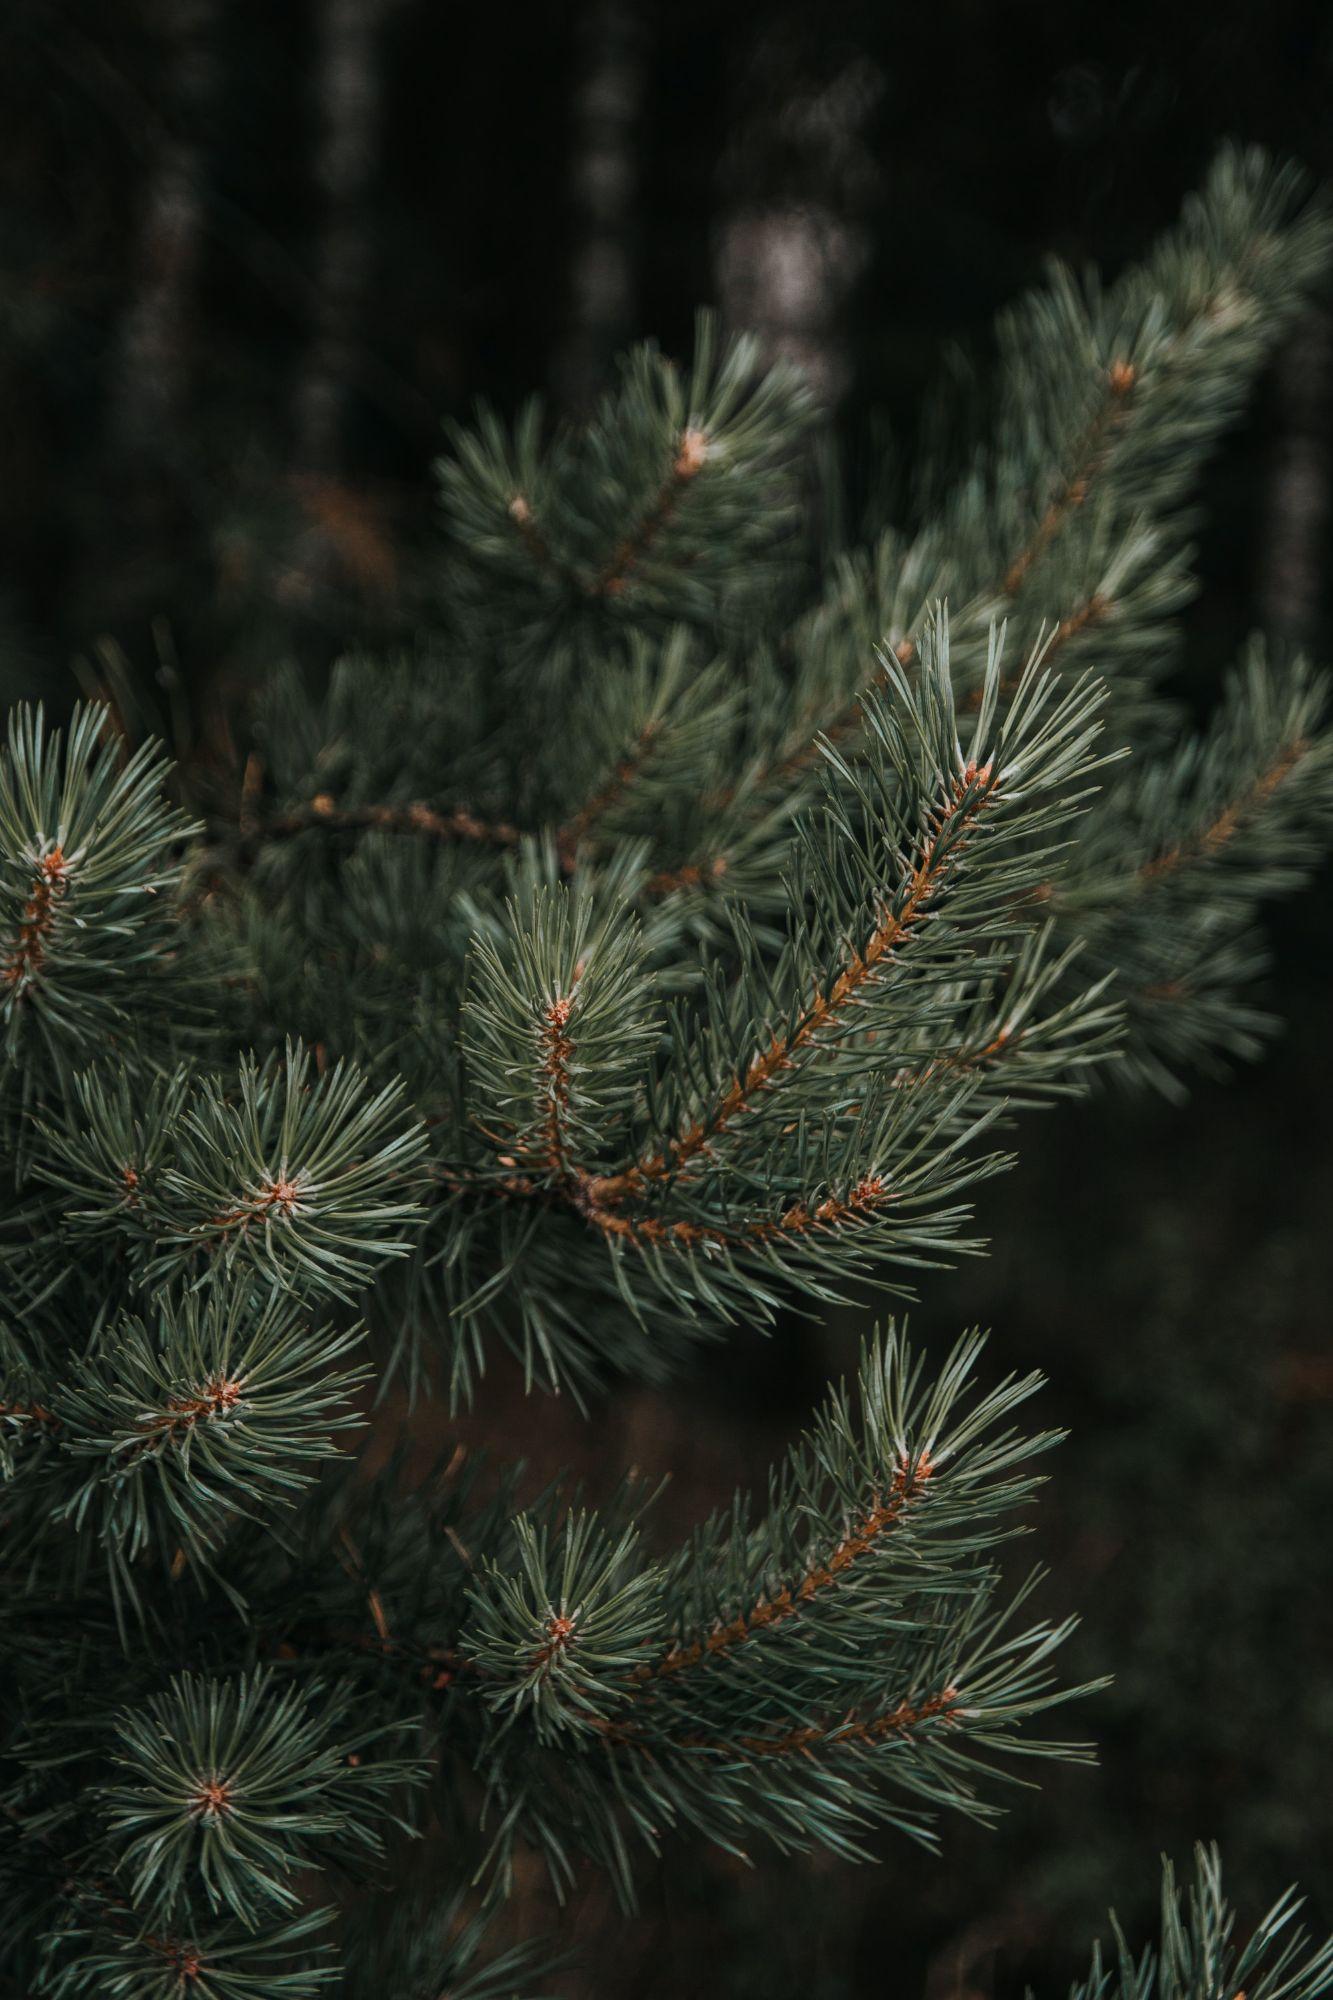 A real christmas tree